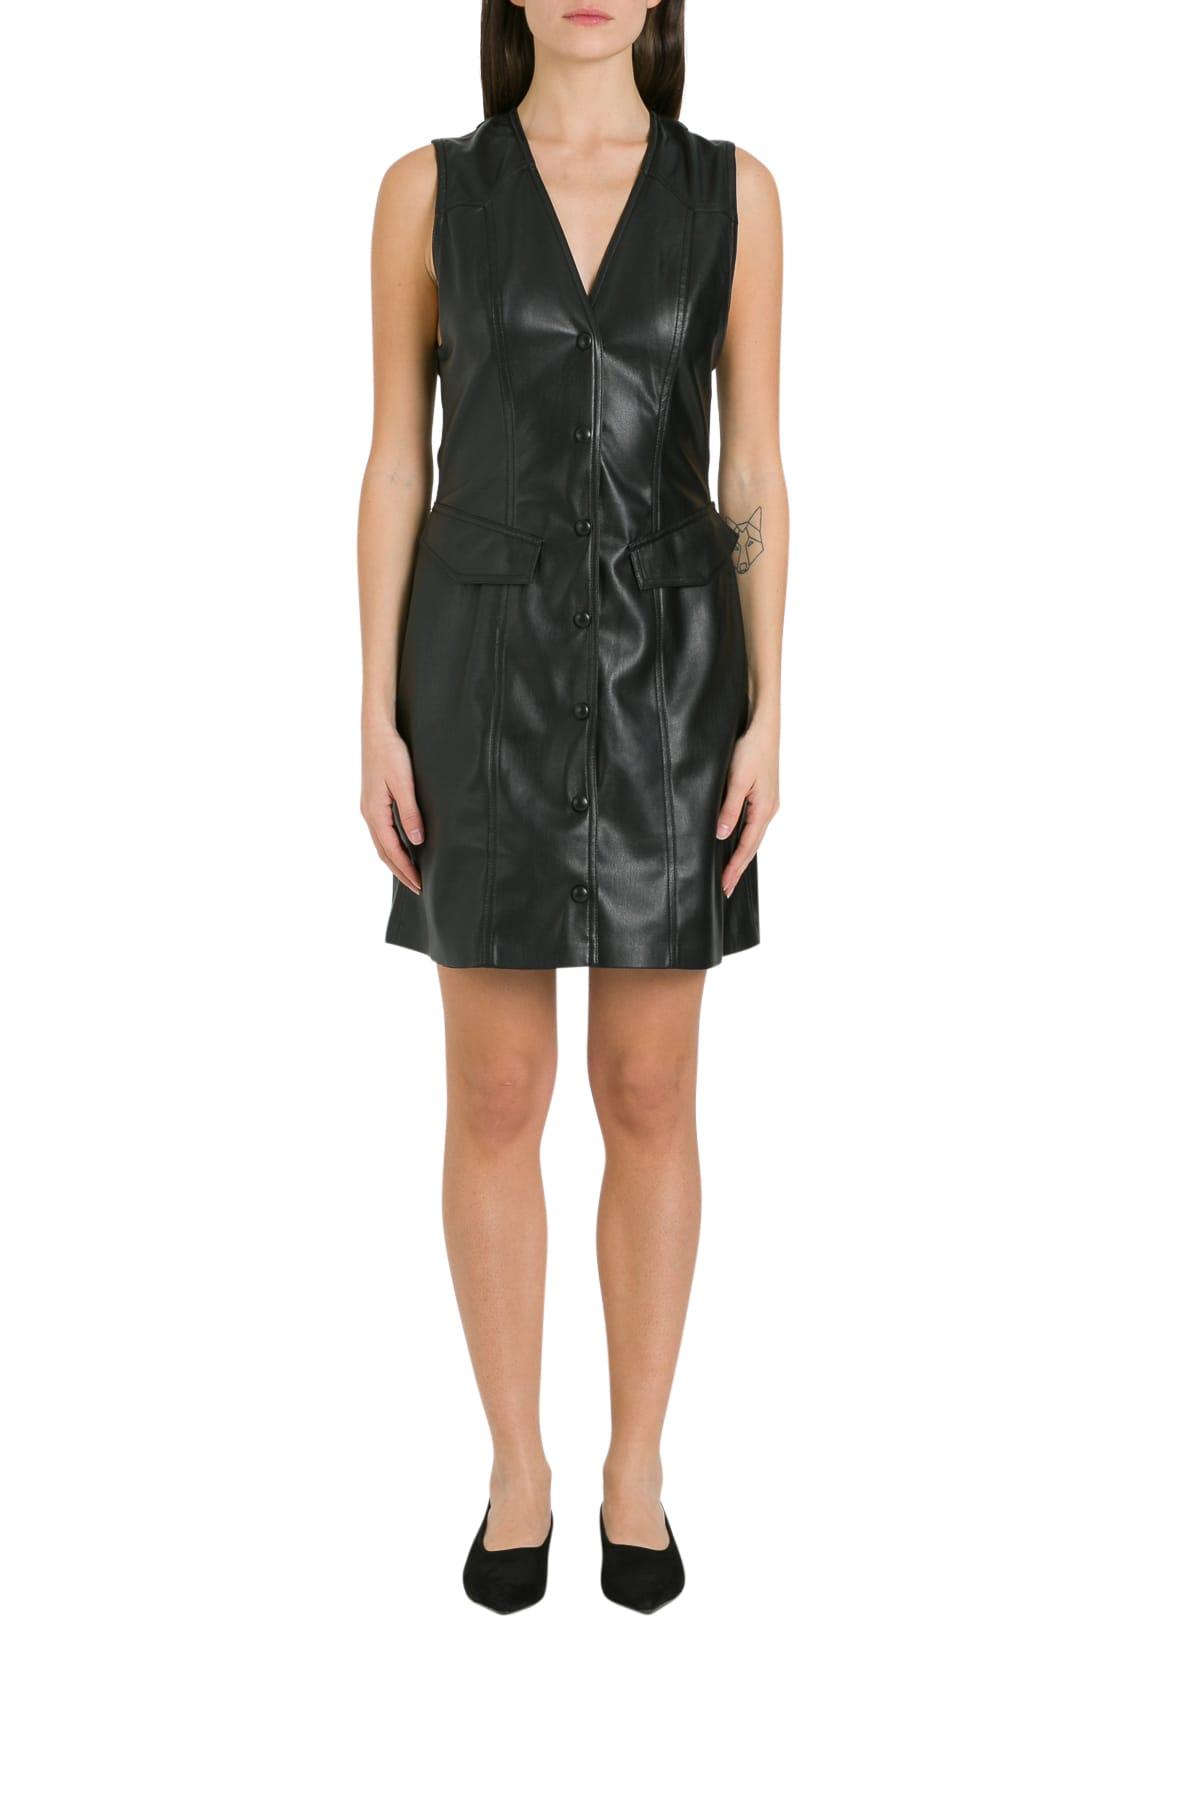 Buy Nanushka Menphi Vegan Leather Dress online, shop Nanushka with free shipping